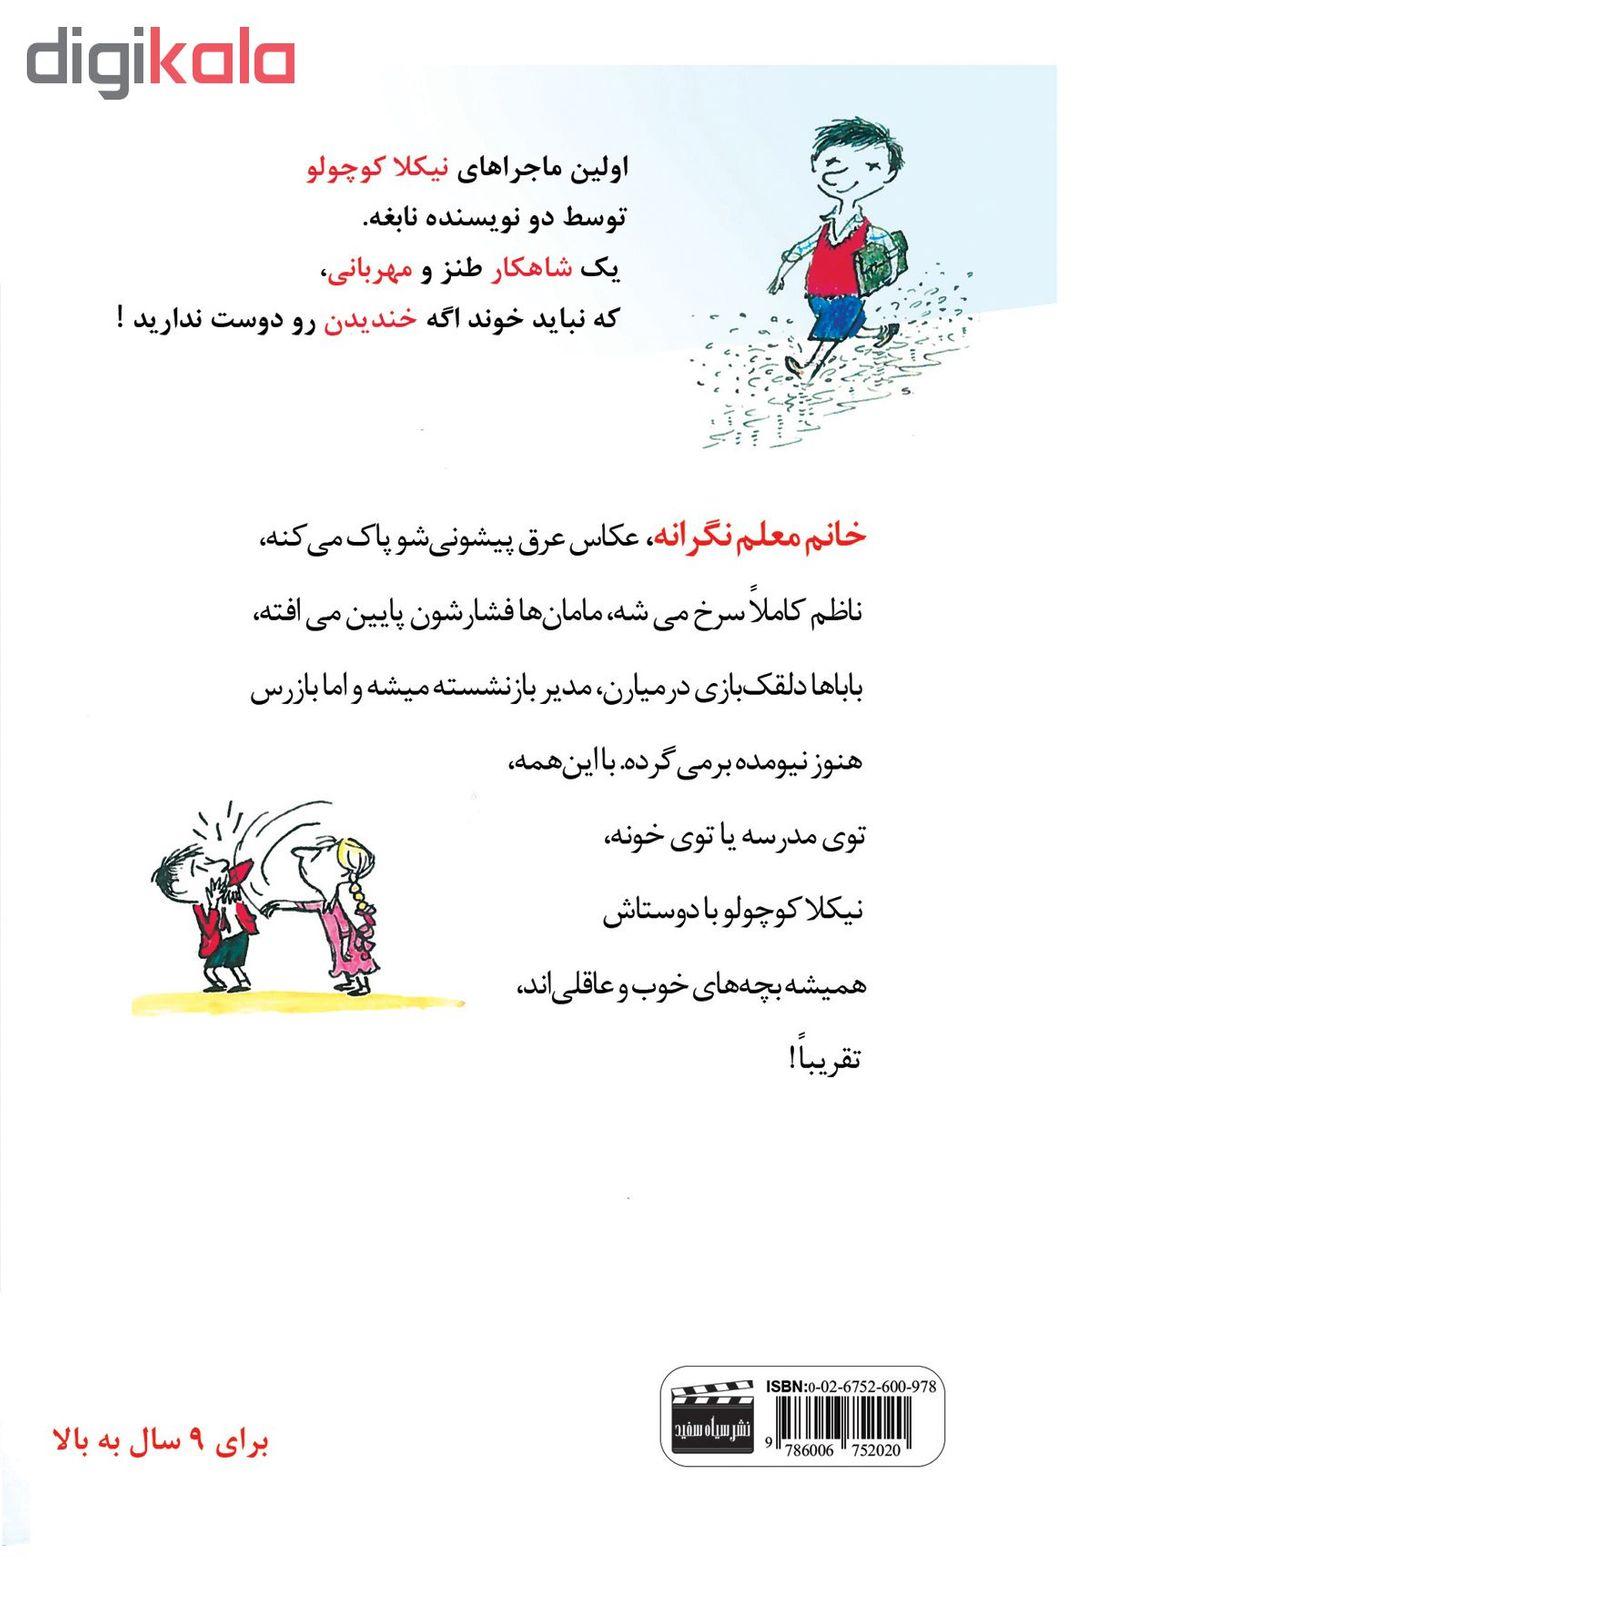 خرید اینترنتی با تخفیف ویژه کتاب نیکلا کوچولو اثر گوسینی و سامپه نشر سیاه سفید